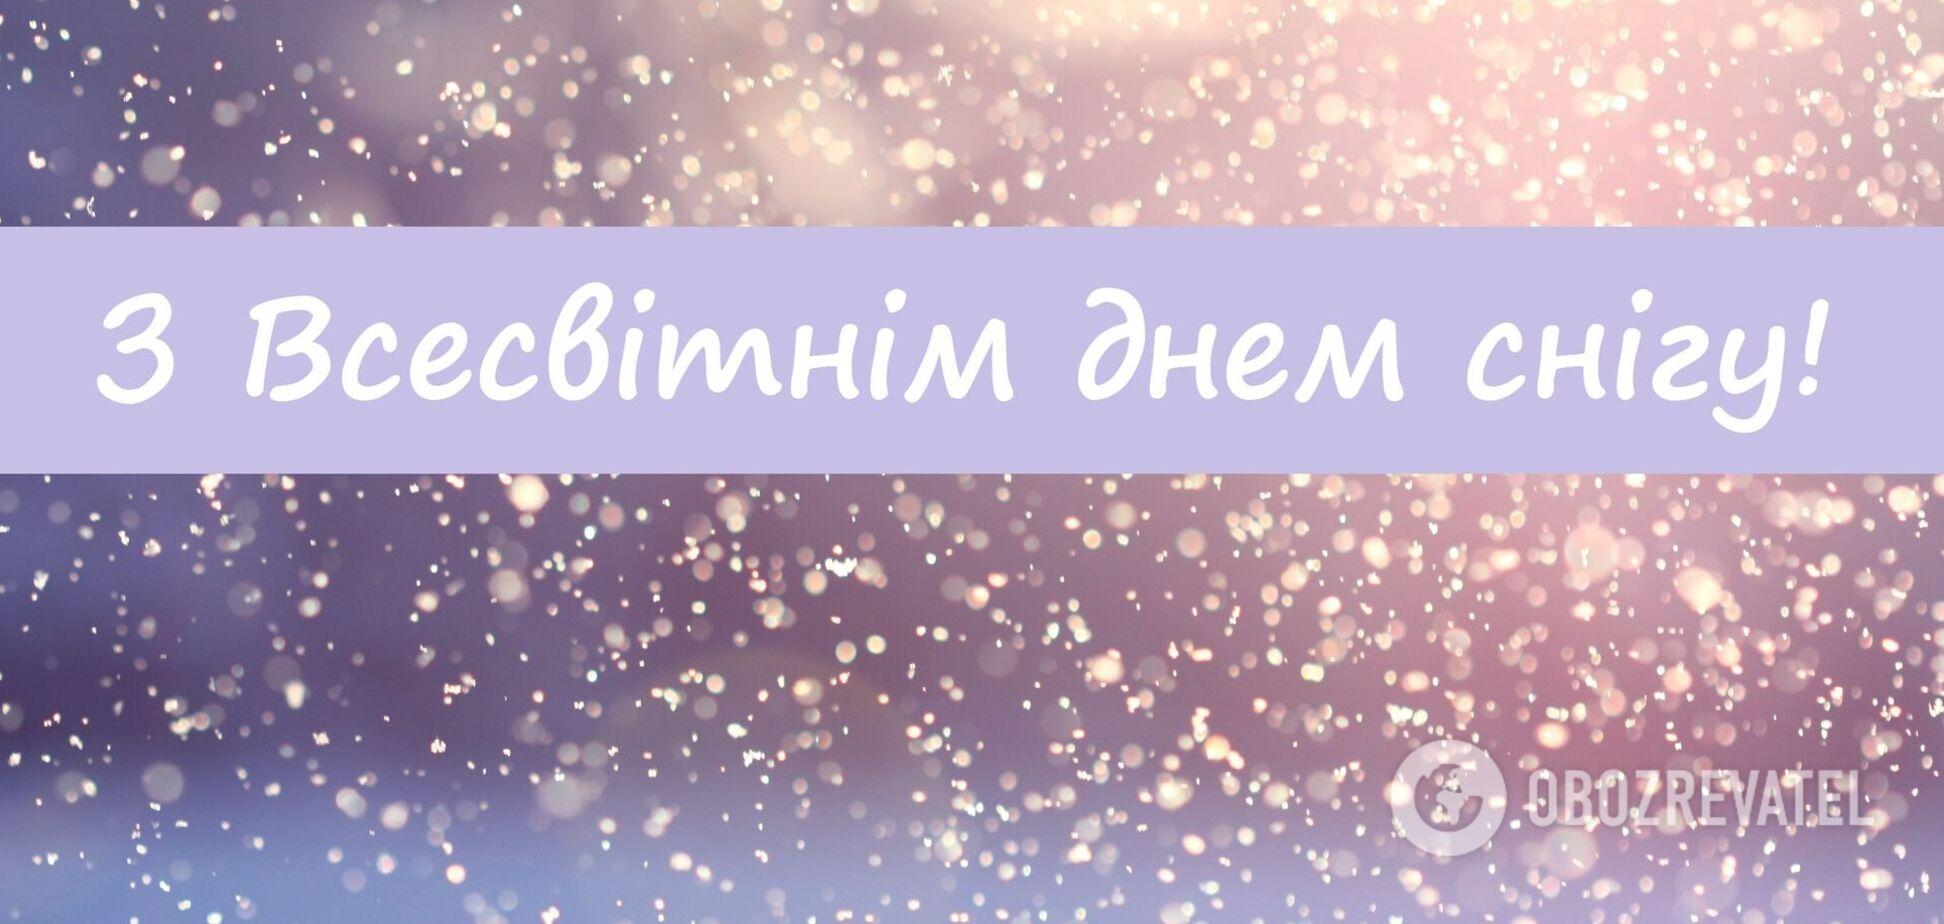 Всемирный день снега отмечается каждое предпоследнее воскресенье января